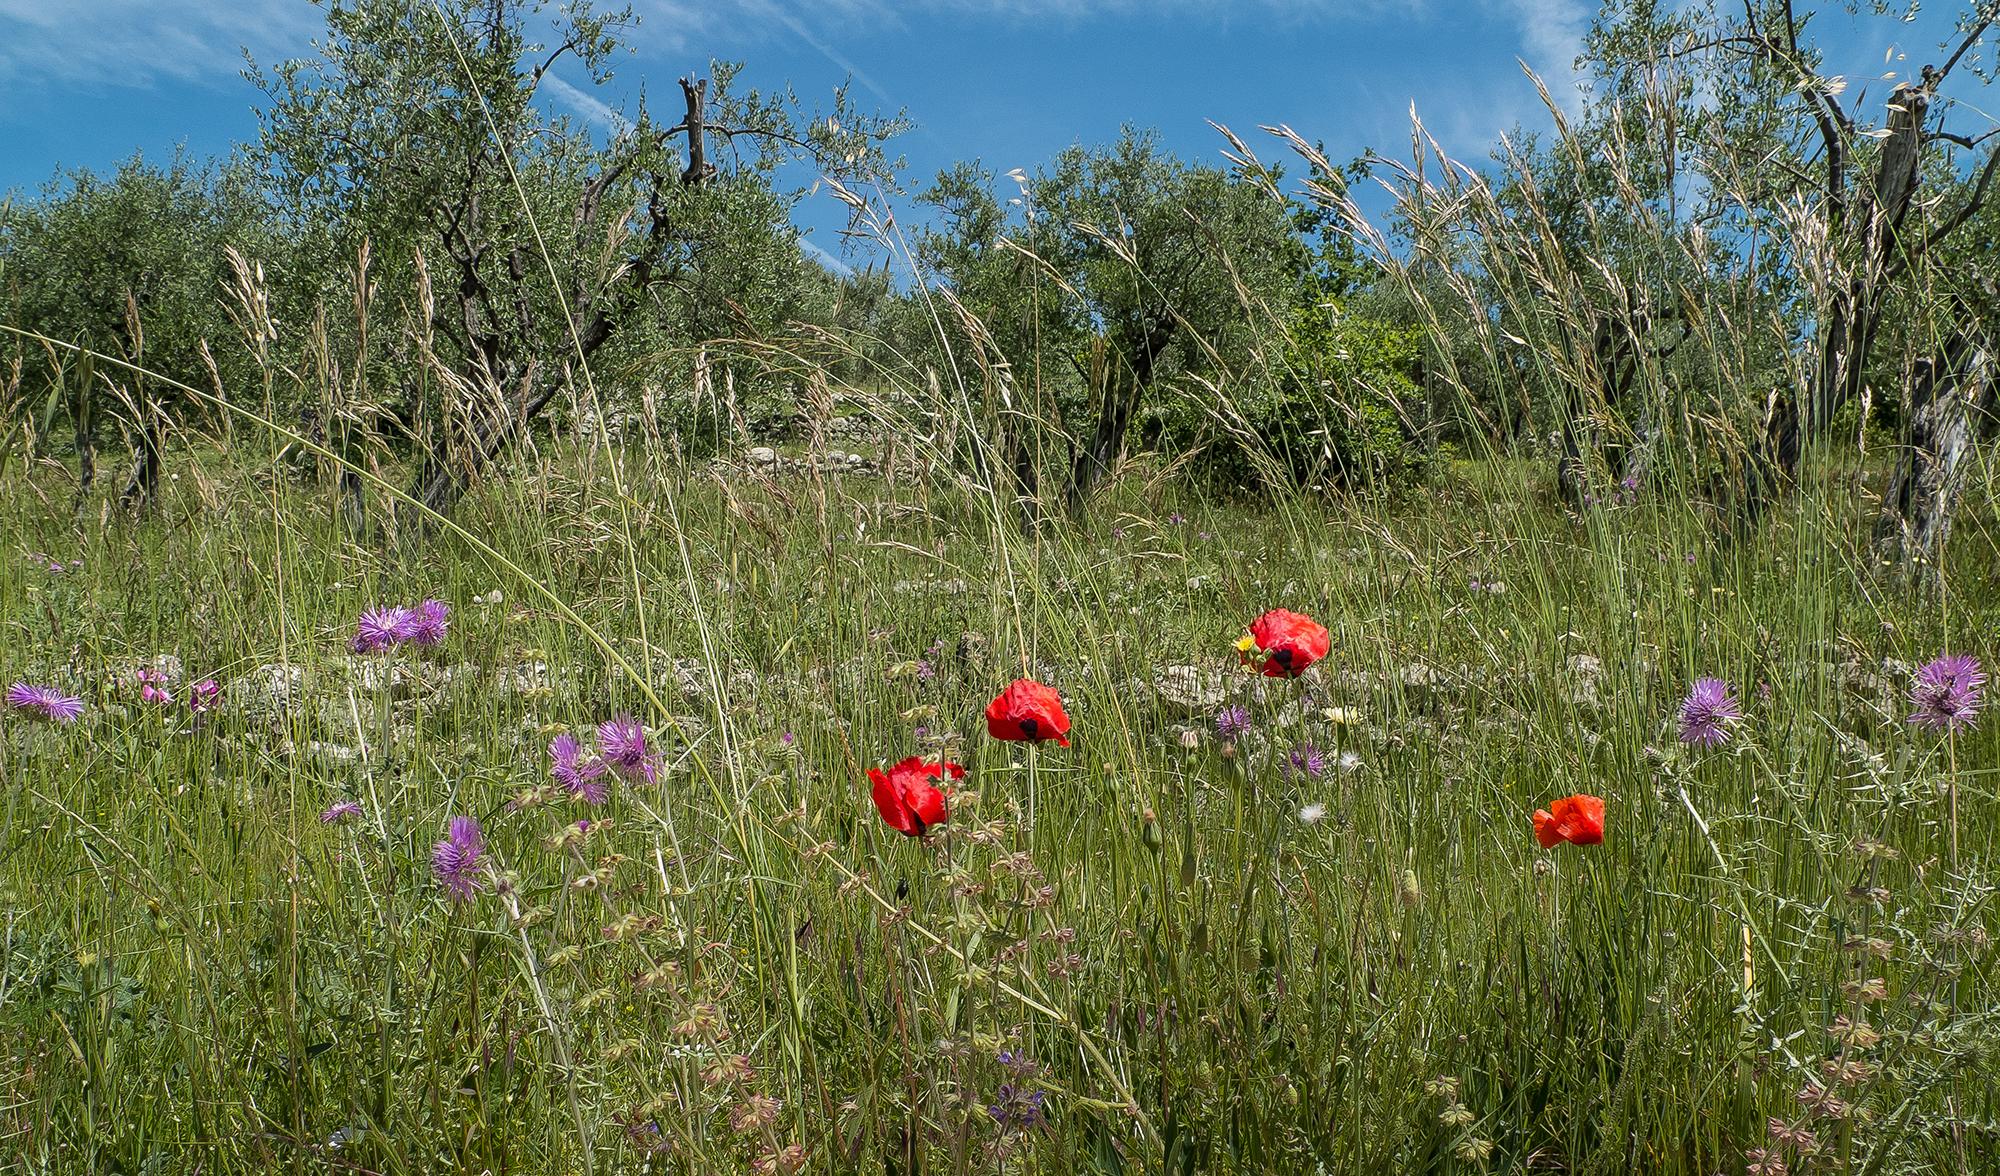 Fêtes traditionnelles ou insolites<br>– Le printemps sur la Côte d'Azur –